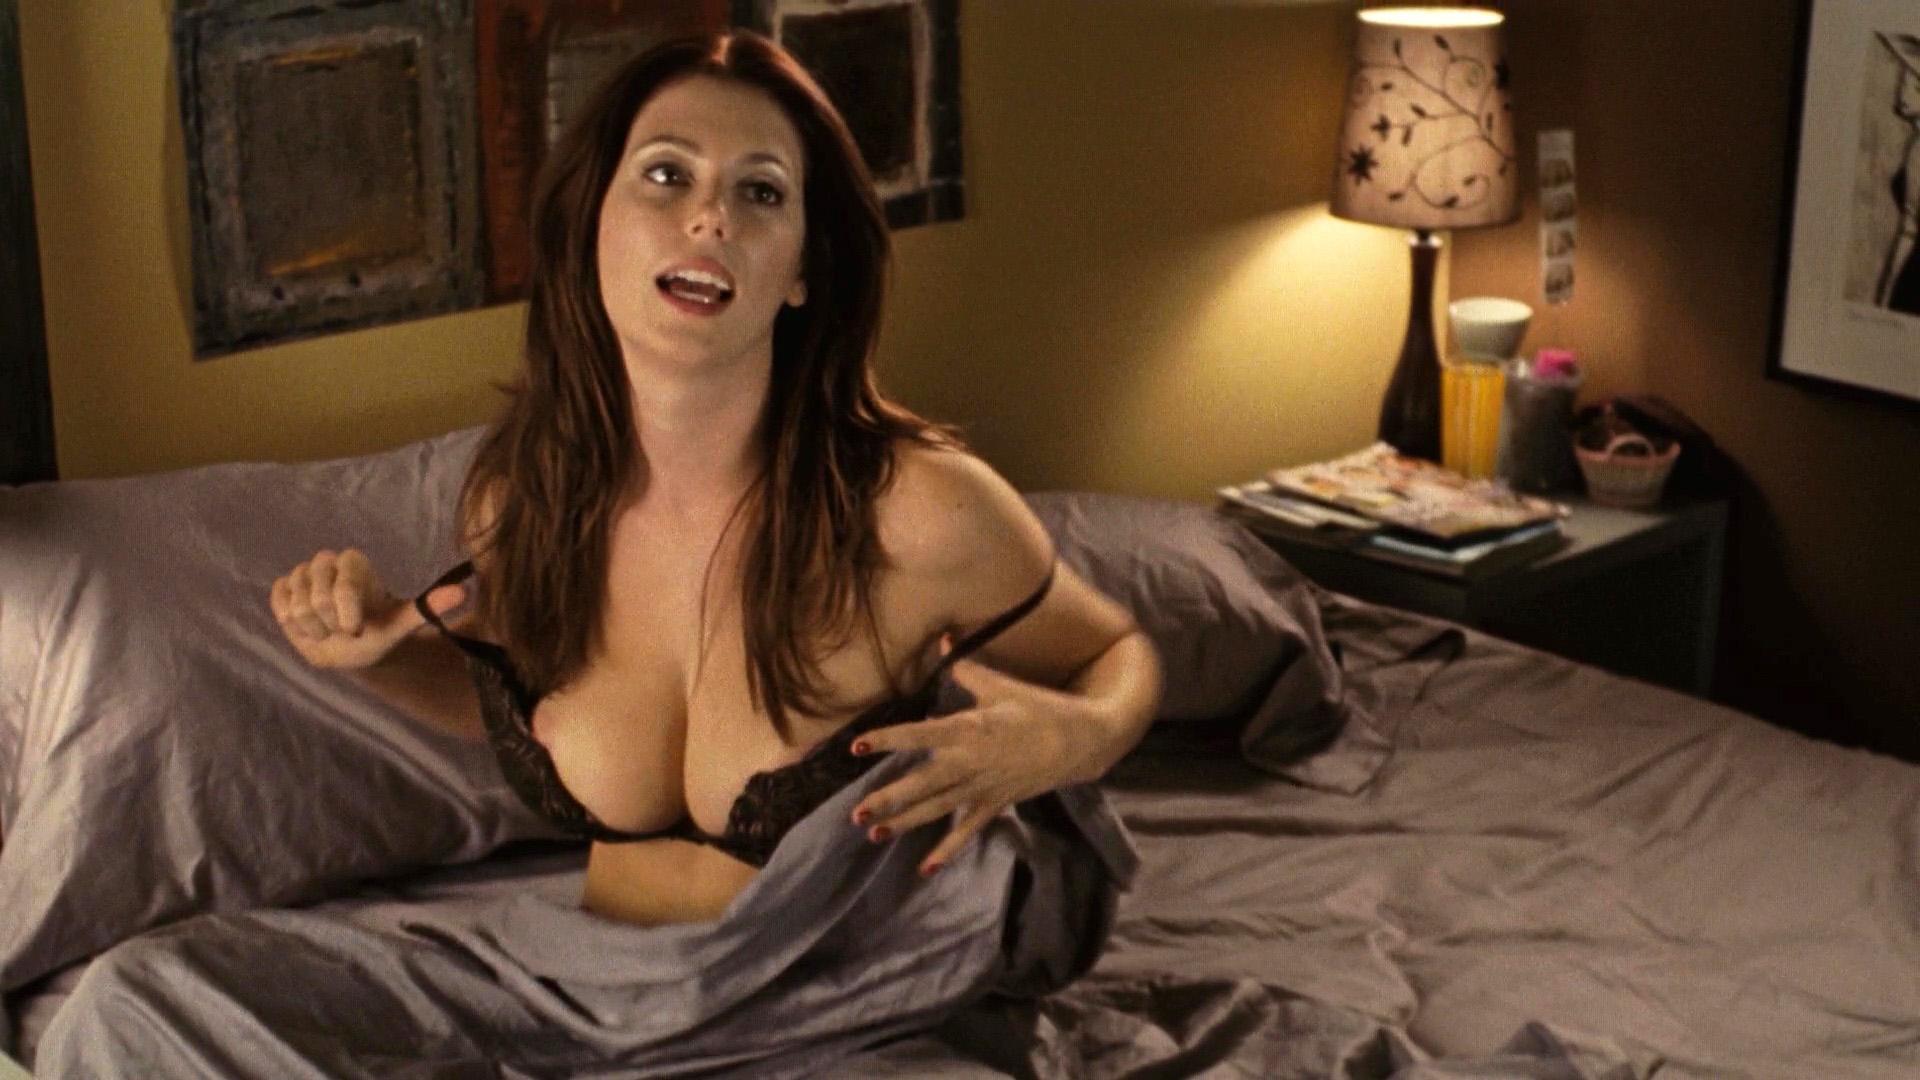 tanusri porn naked